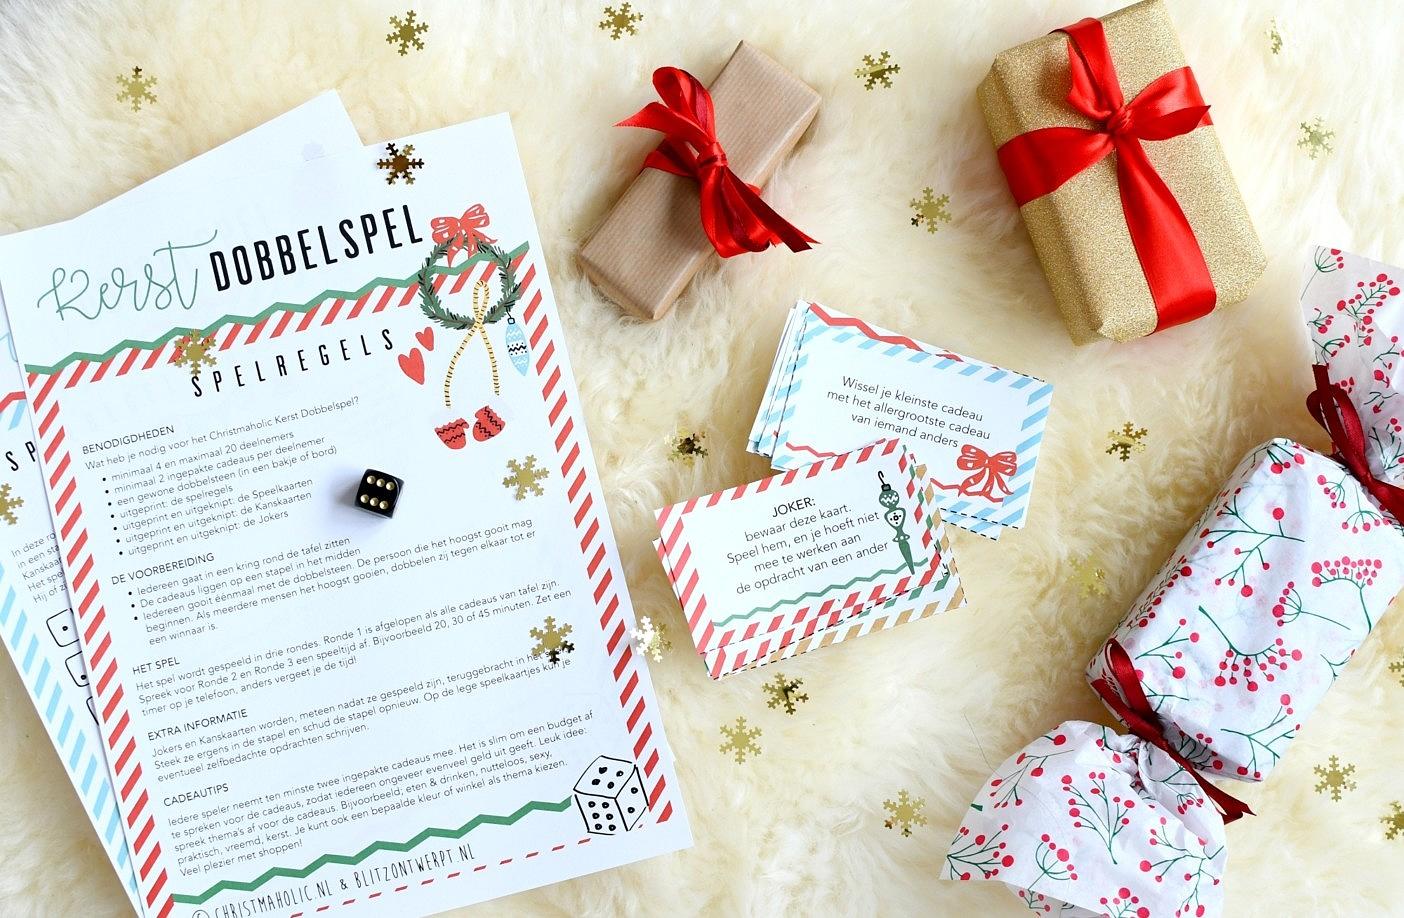 Kerst Dobbelspel printable